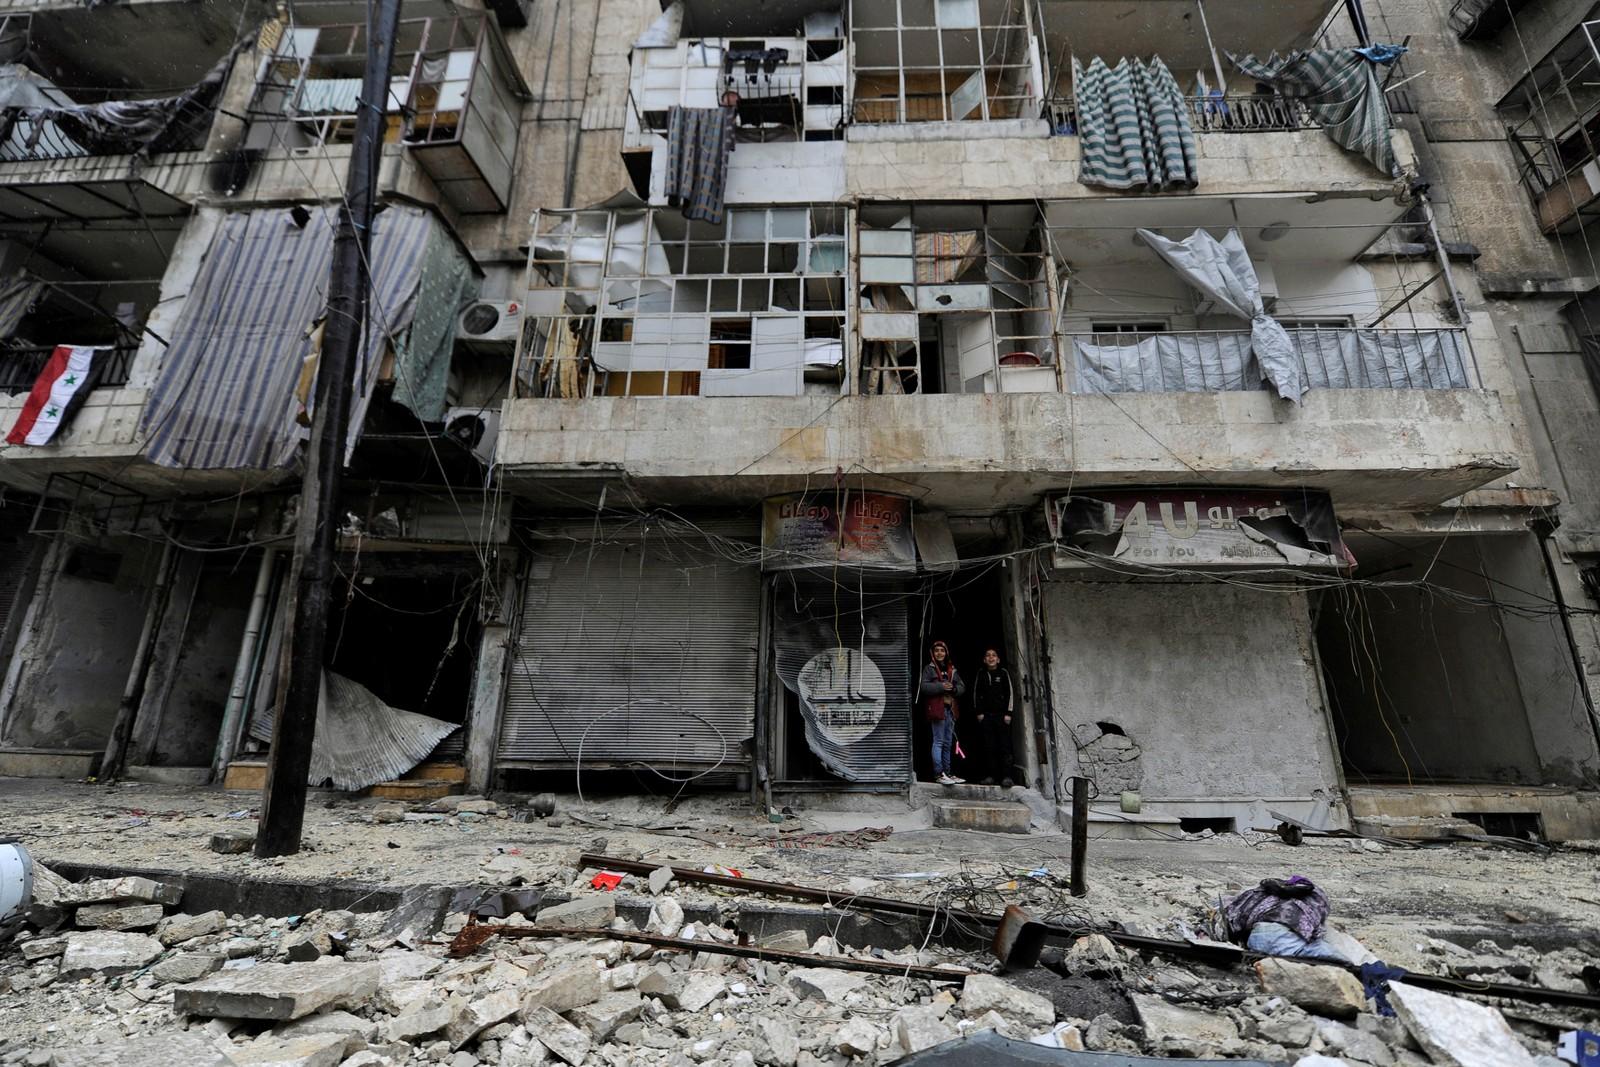 To gutter står i inngangen til en bygning ødelagt av krigens herjinger i regjeringskontrollerte al-Shaar i Aleppo.